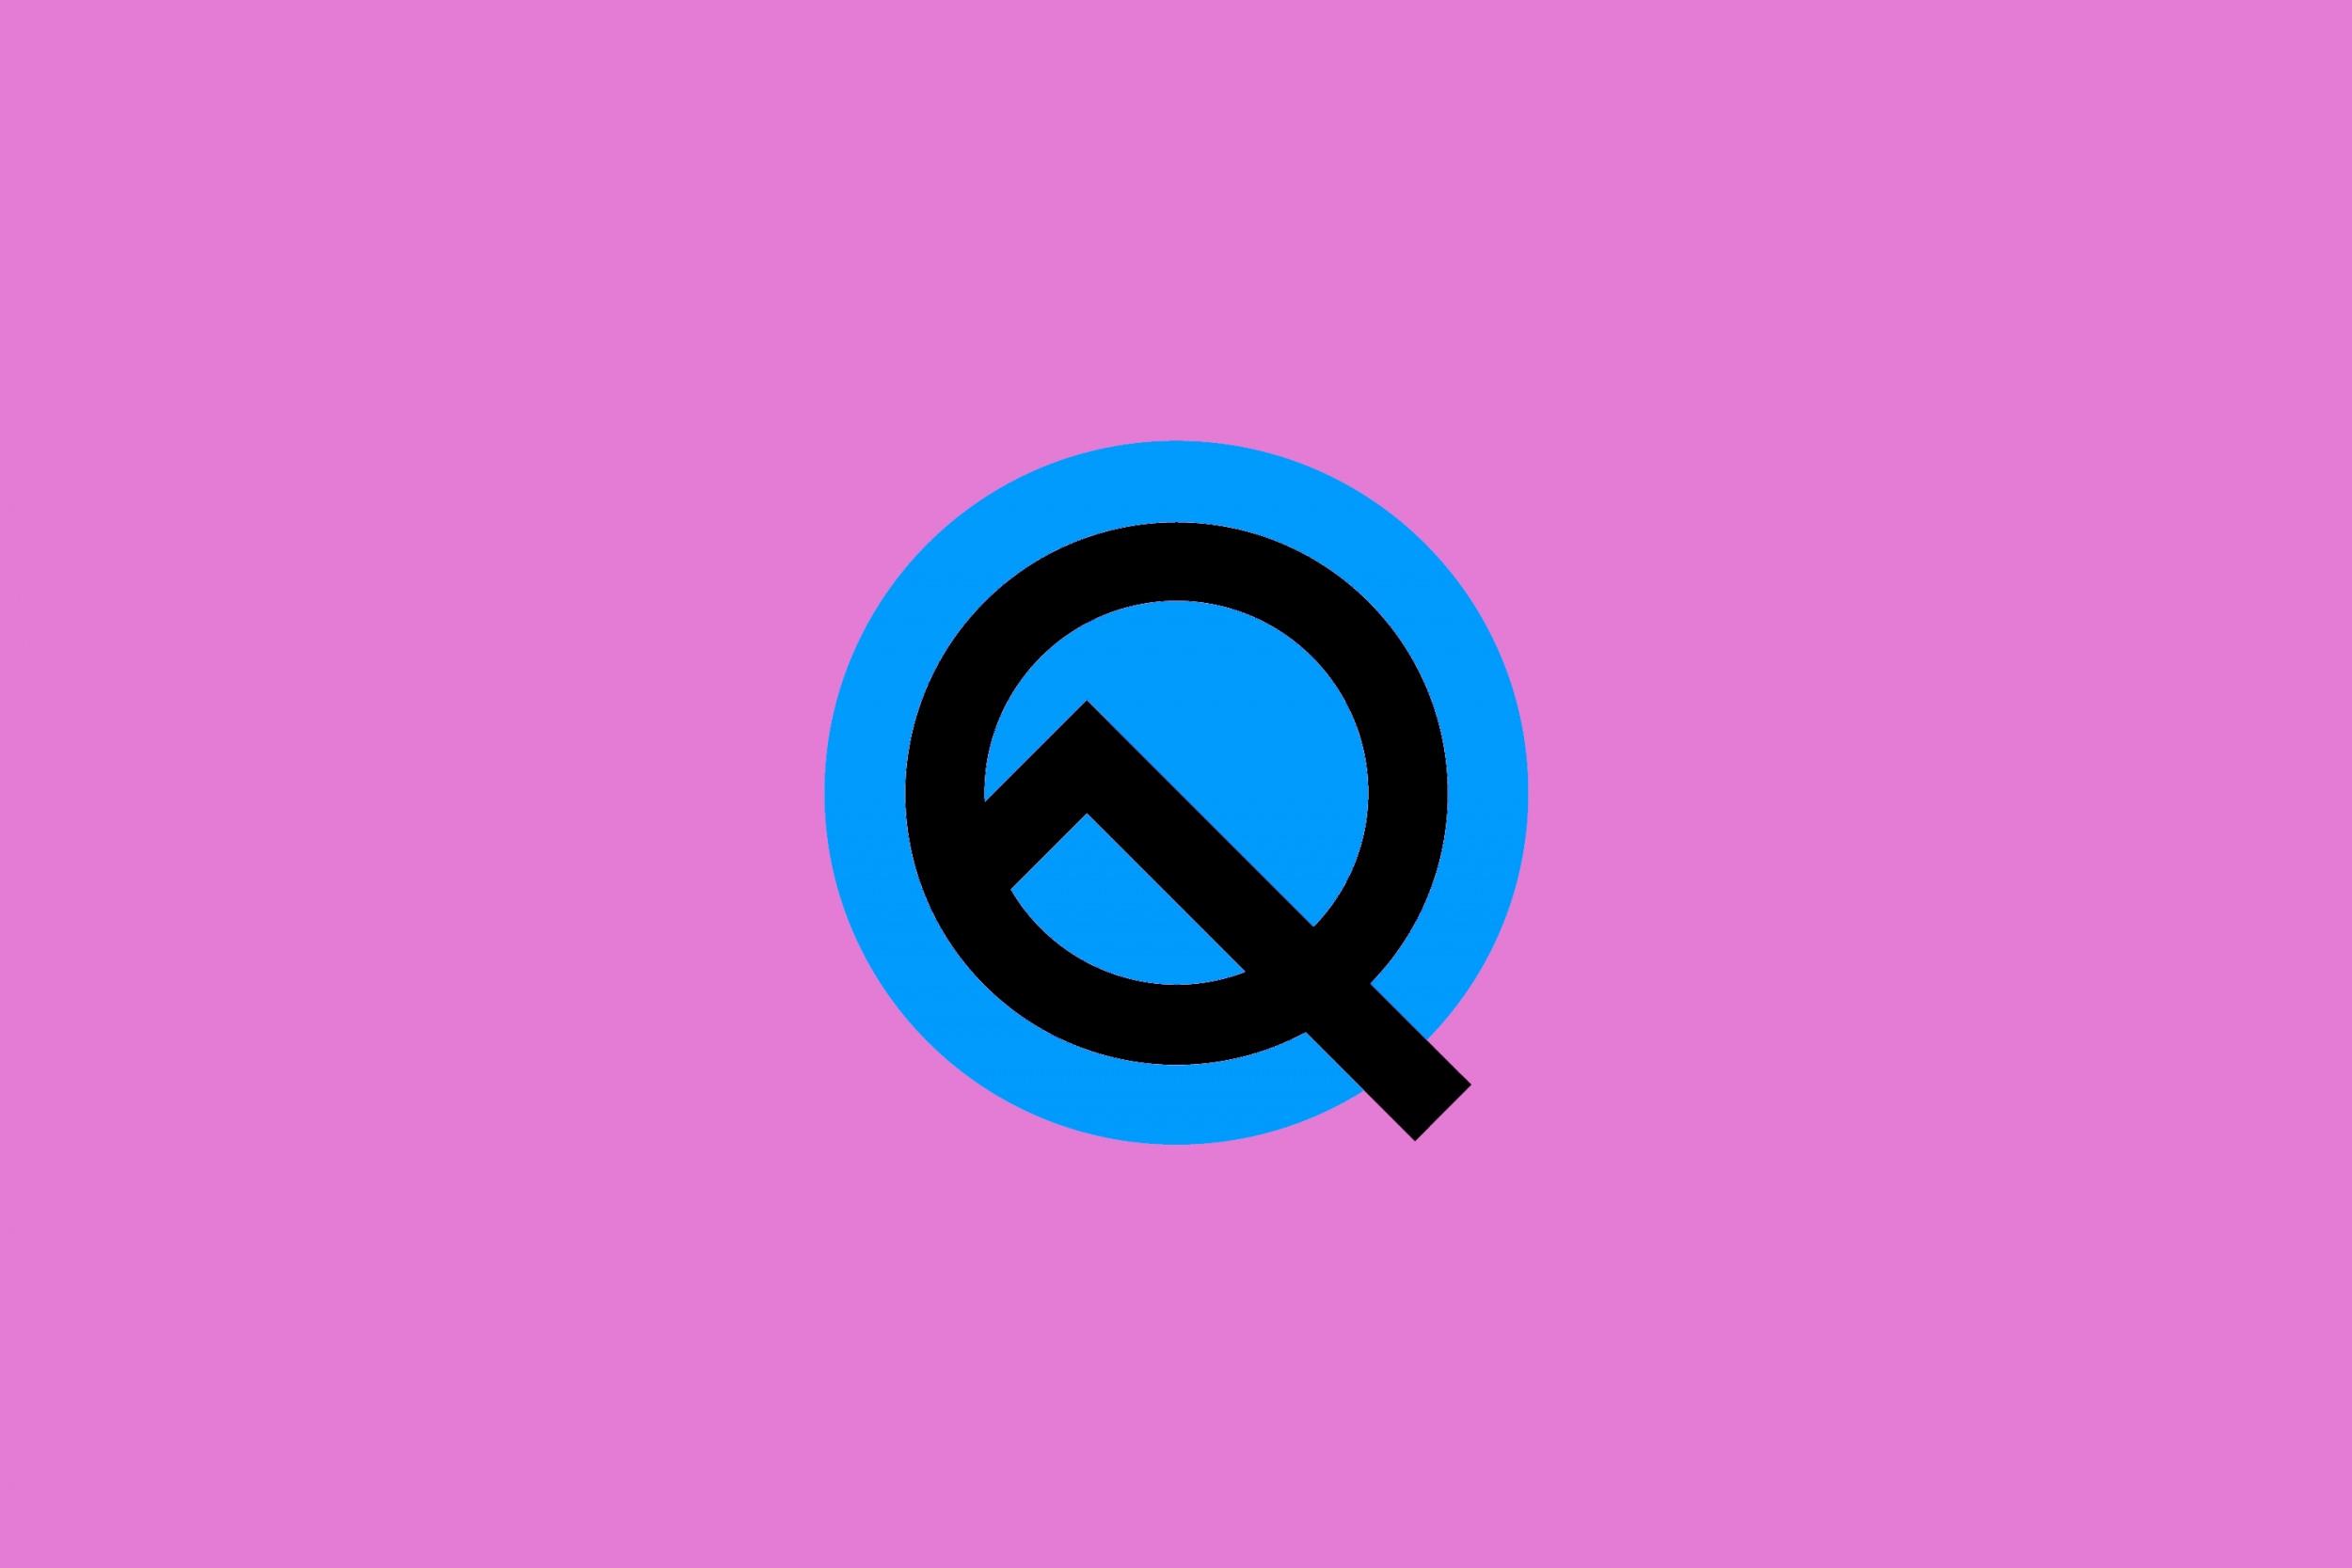 OnePlus 7 sarà adatto anche ai più temerari: da subito il supporto per Android Q beta 3